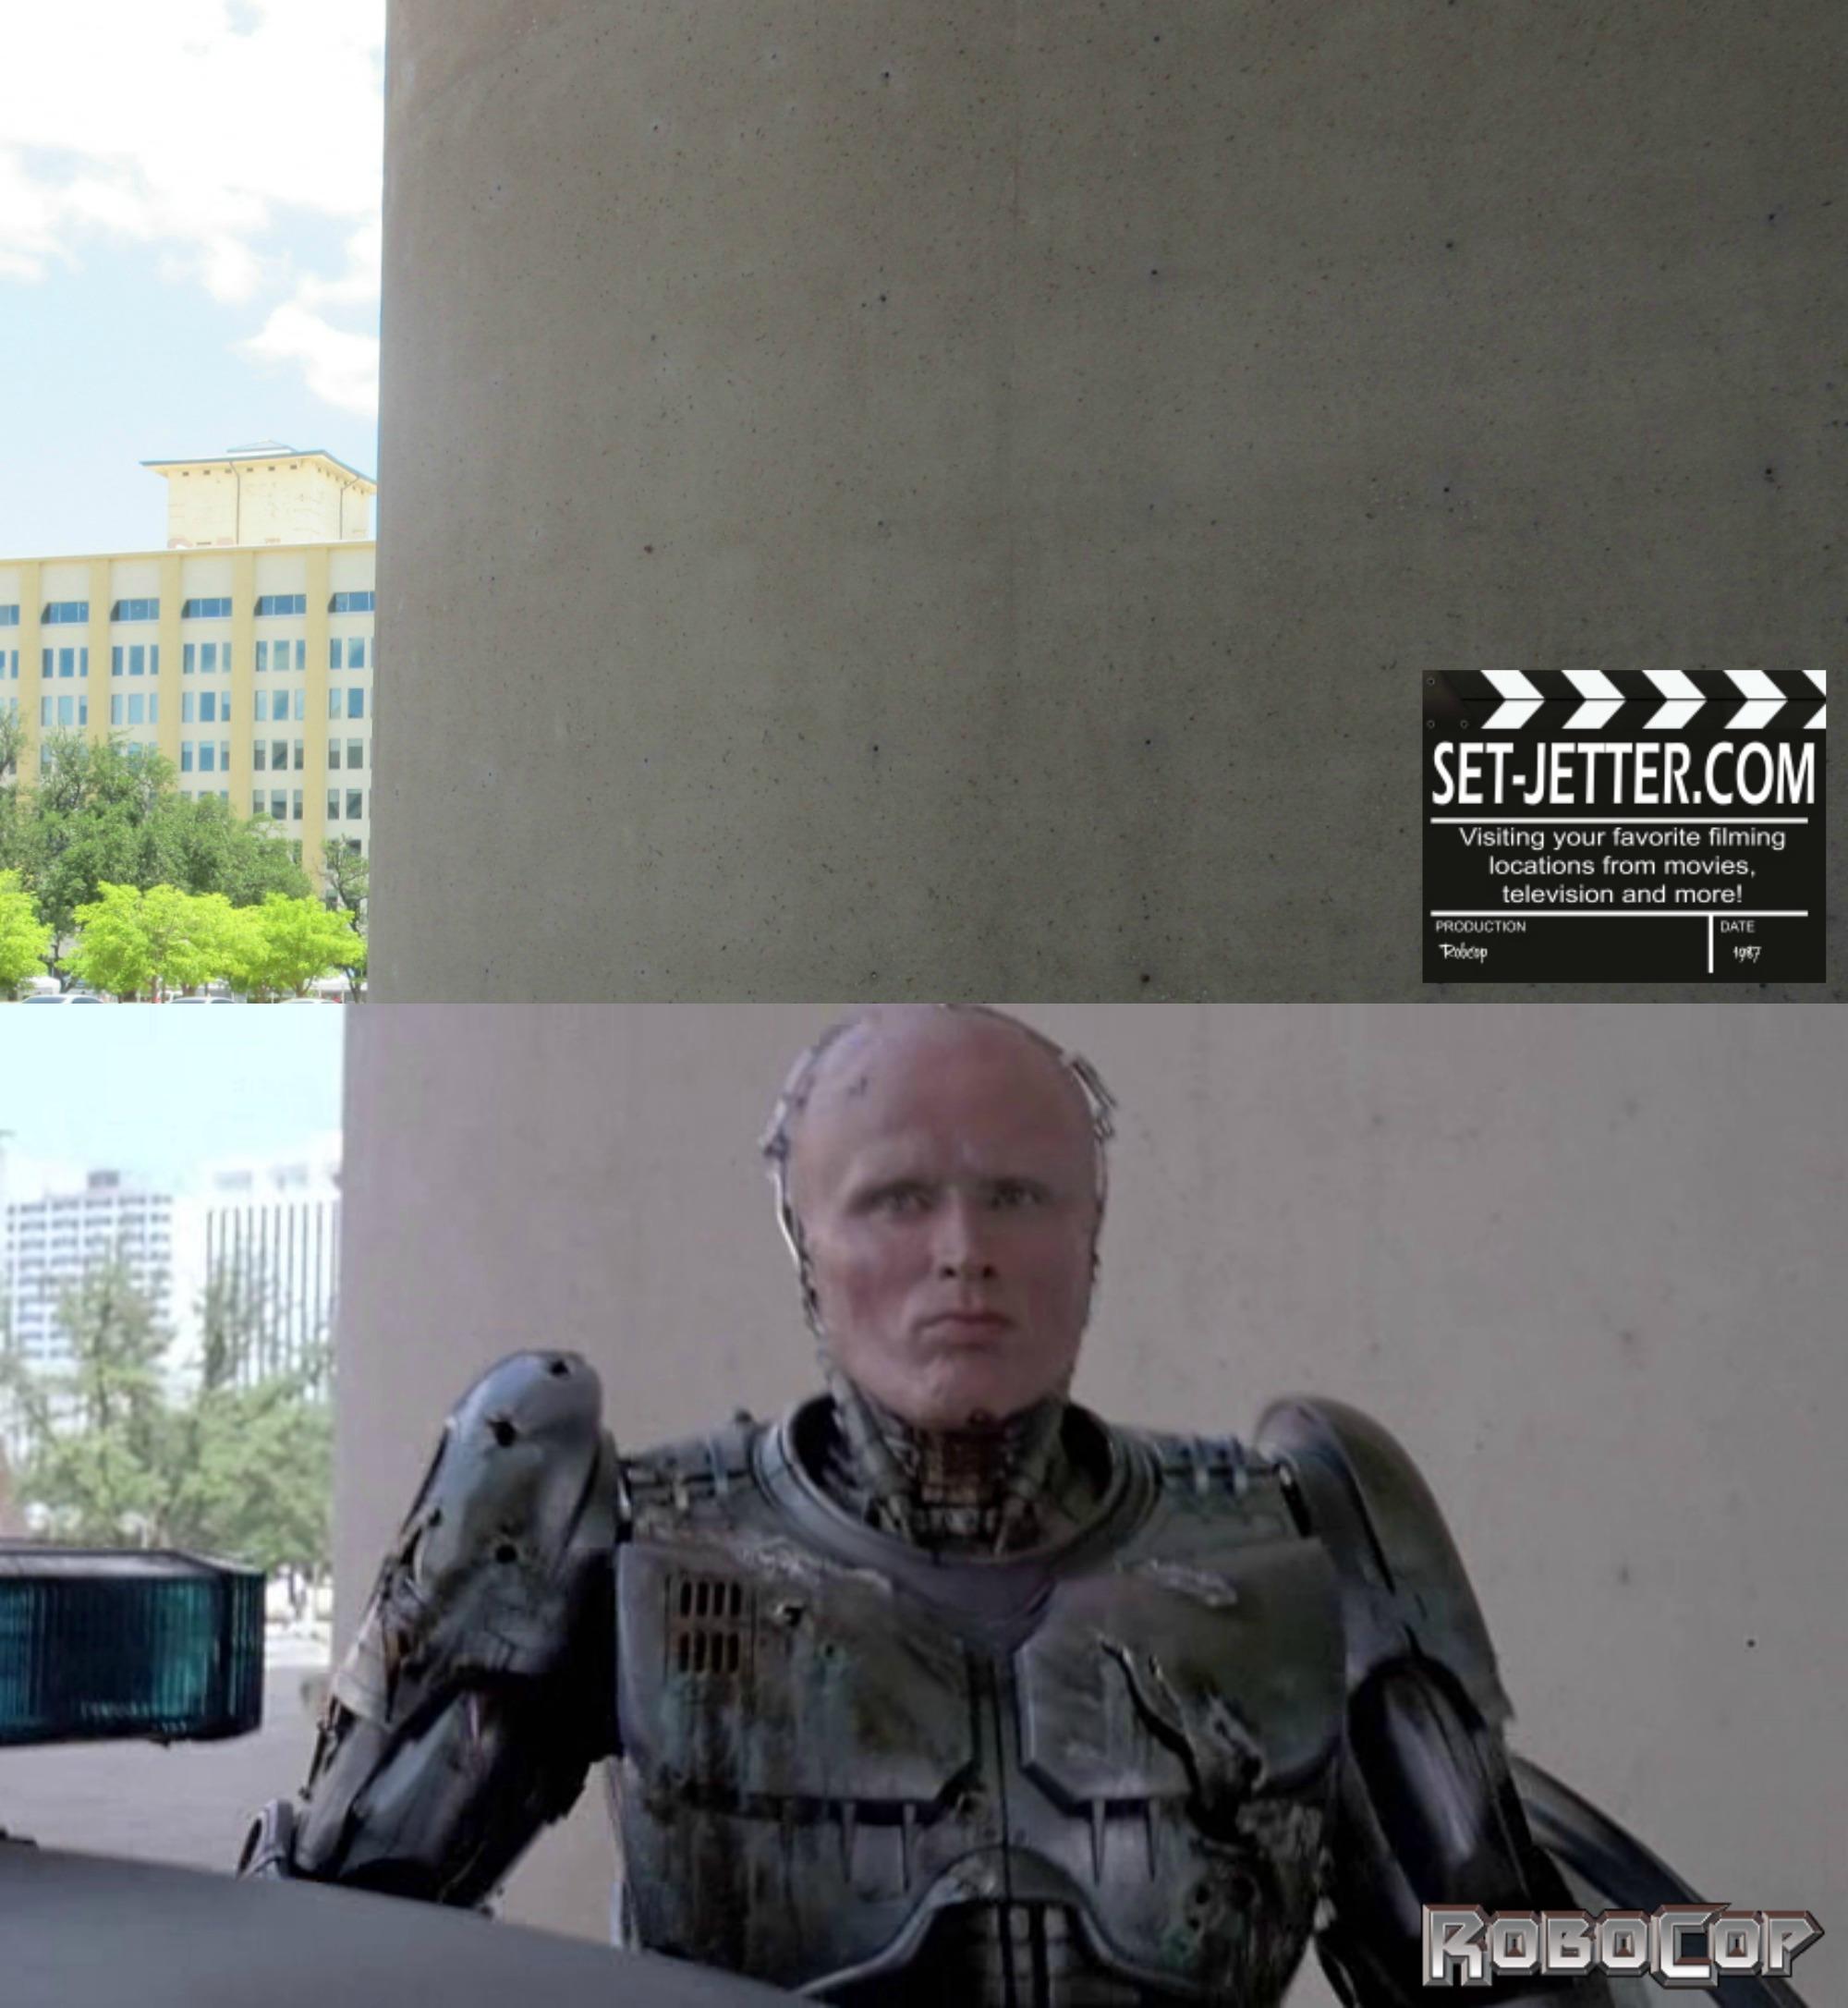 Robocop comparison 168.jpg